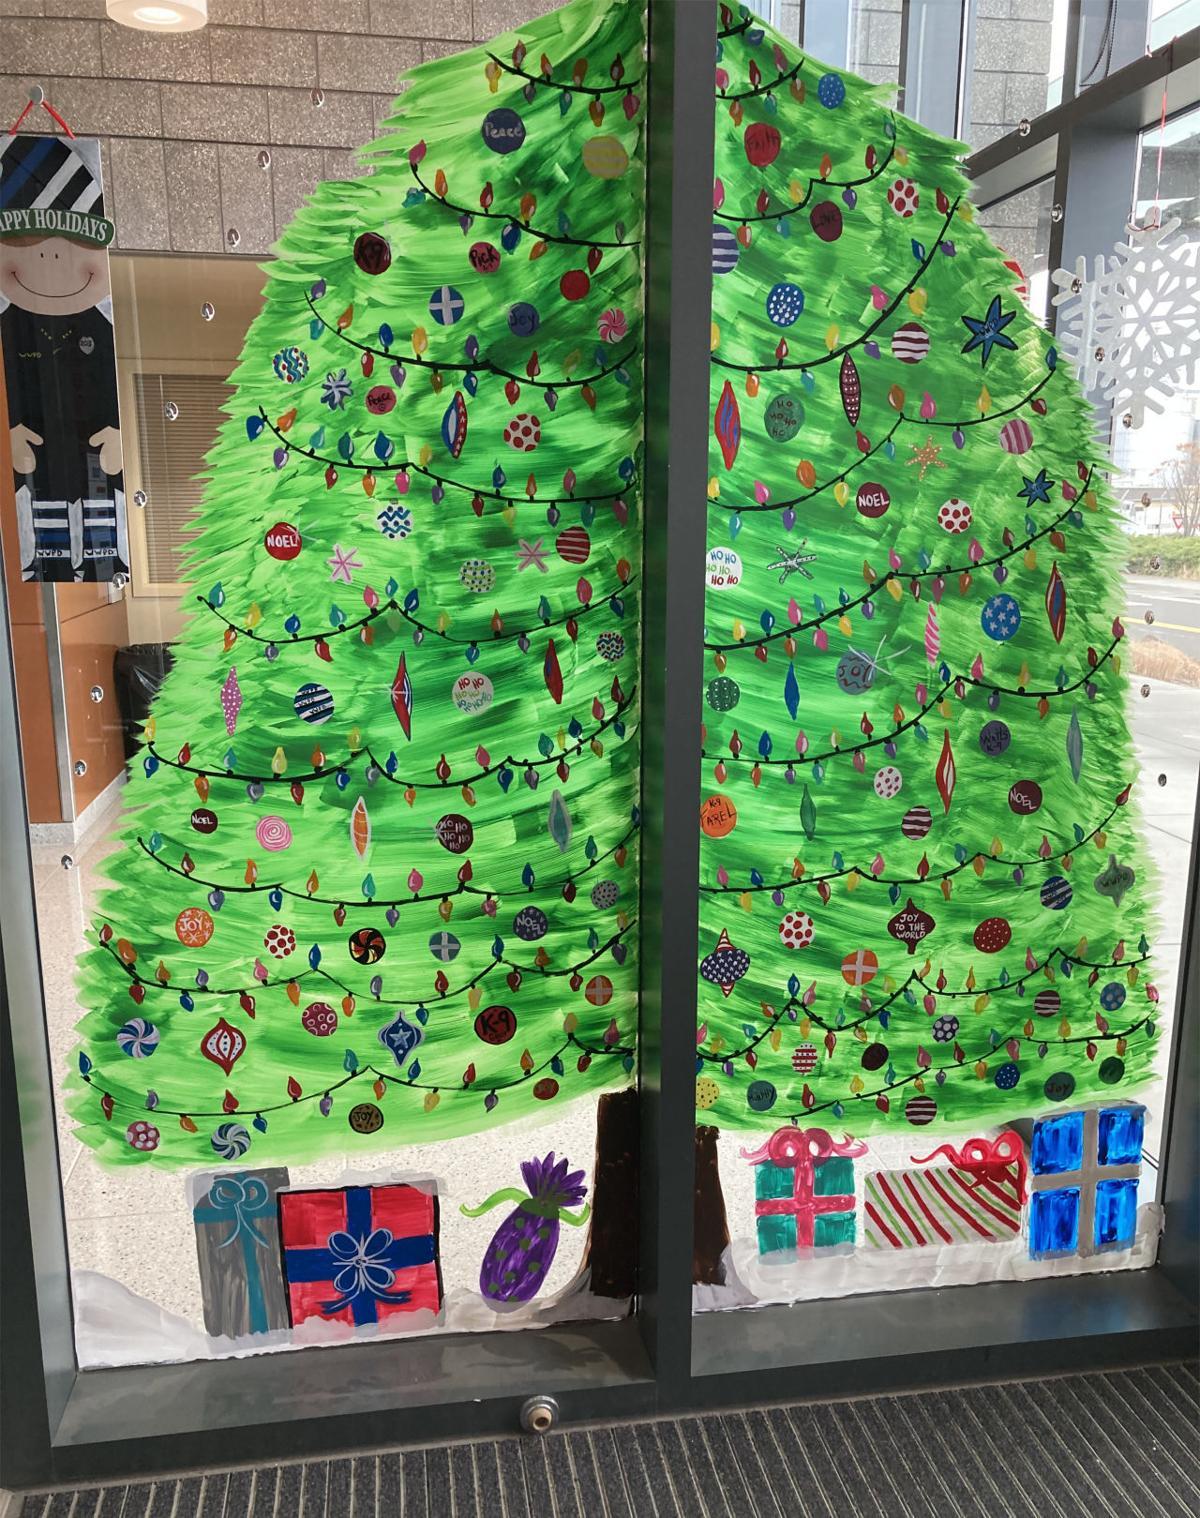 201122_etc_giving-trees-foster-kidsIMG_0340.JPG